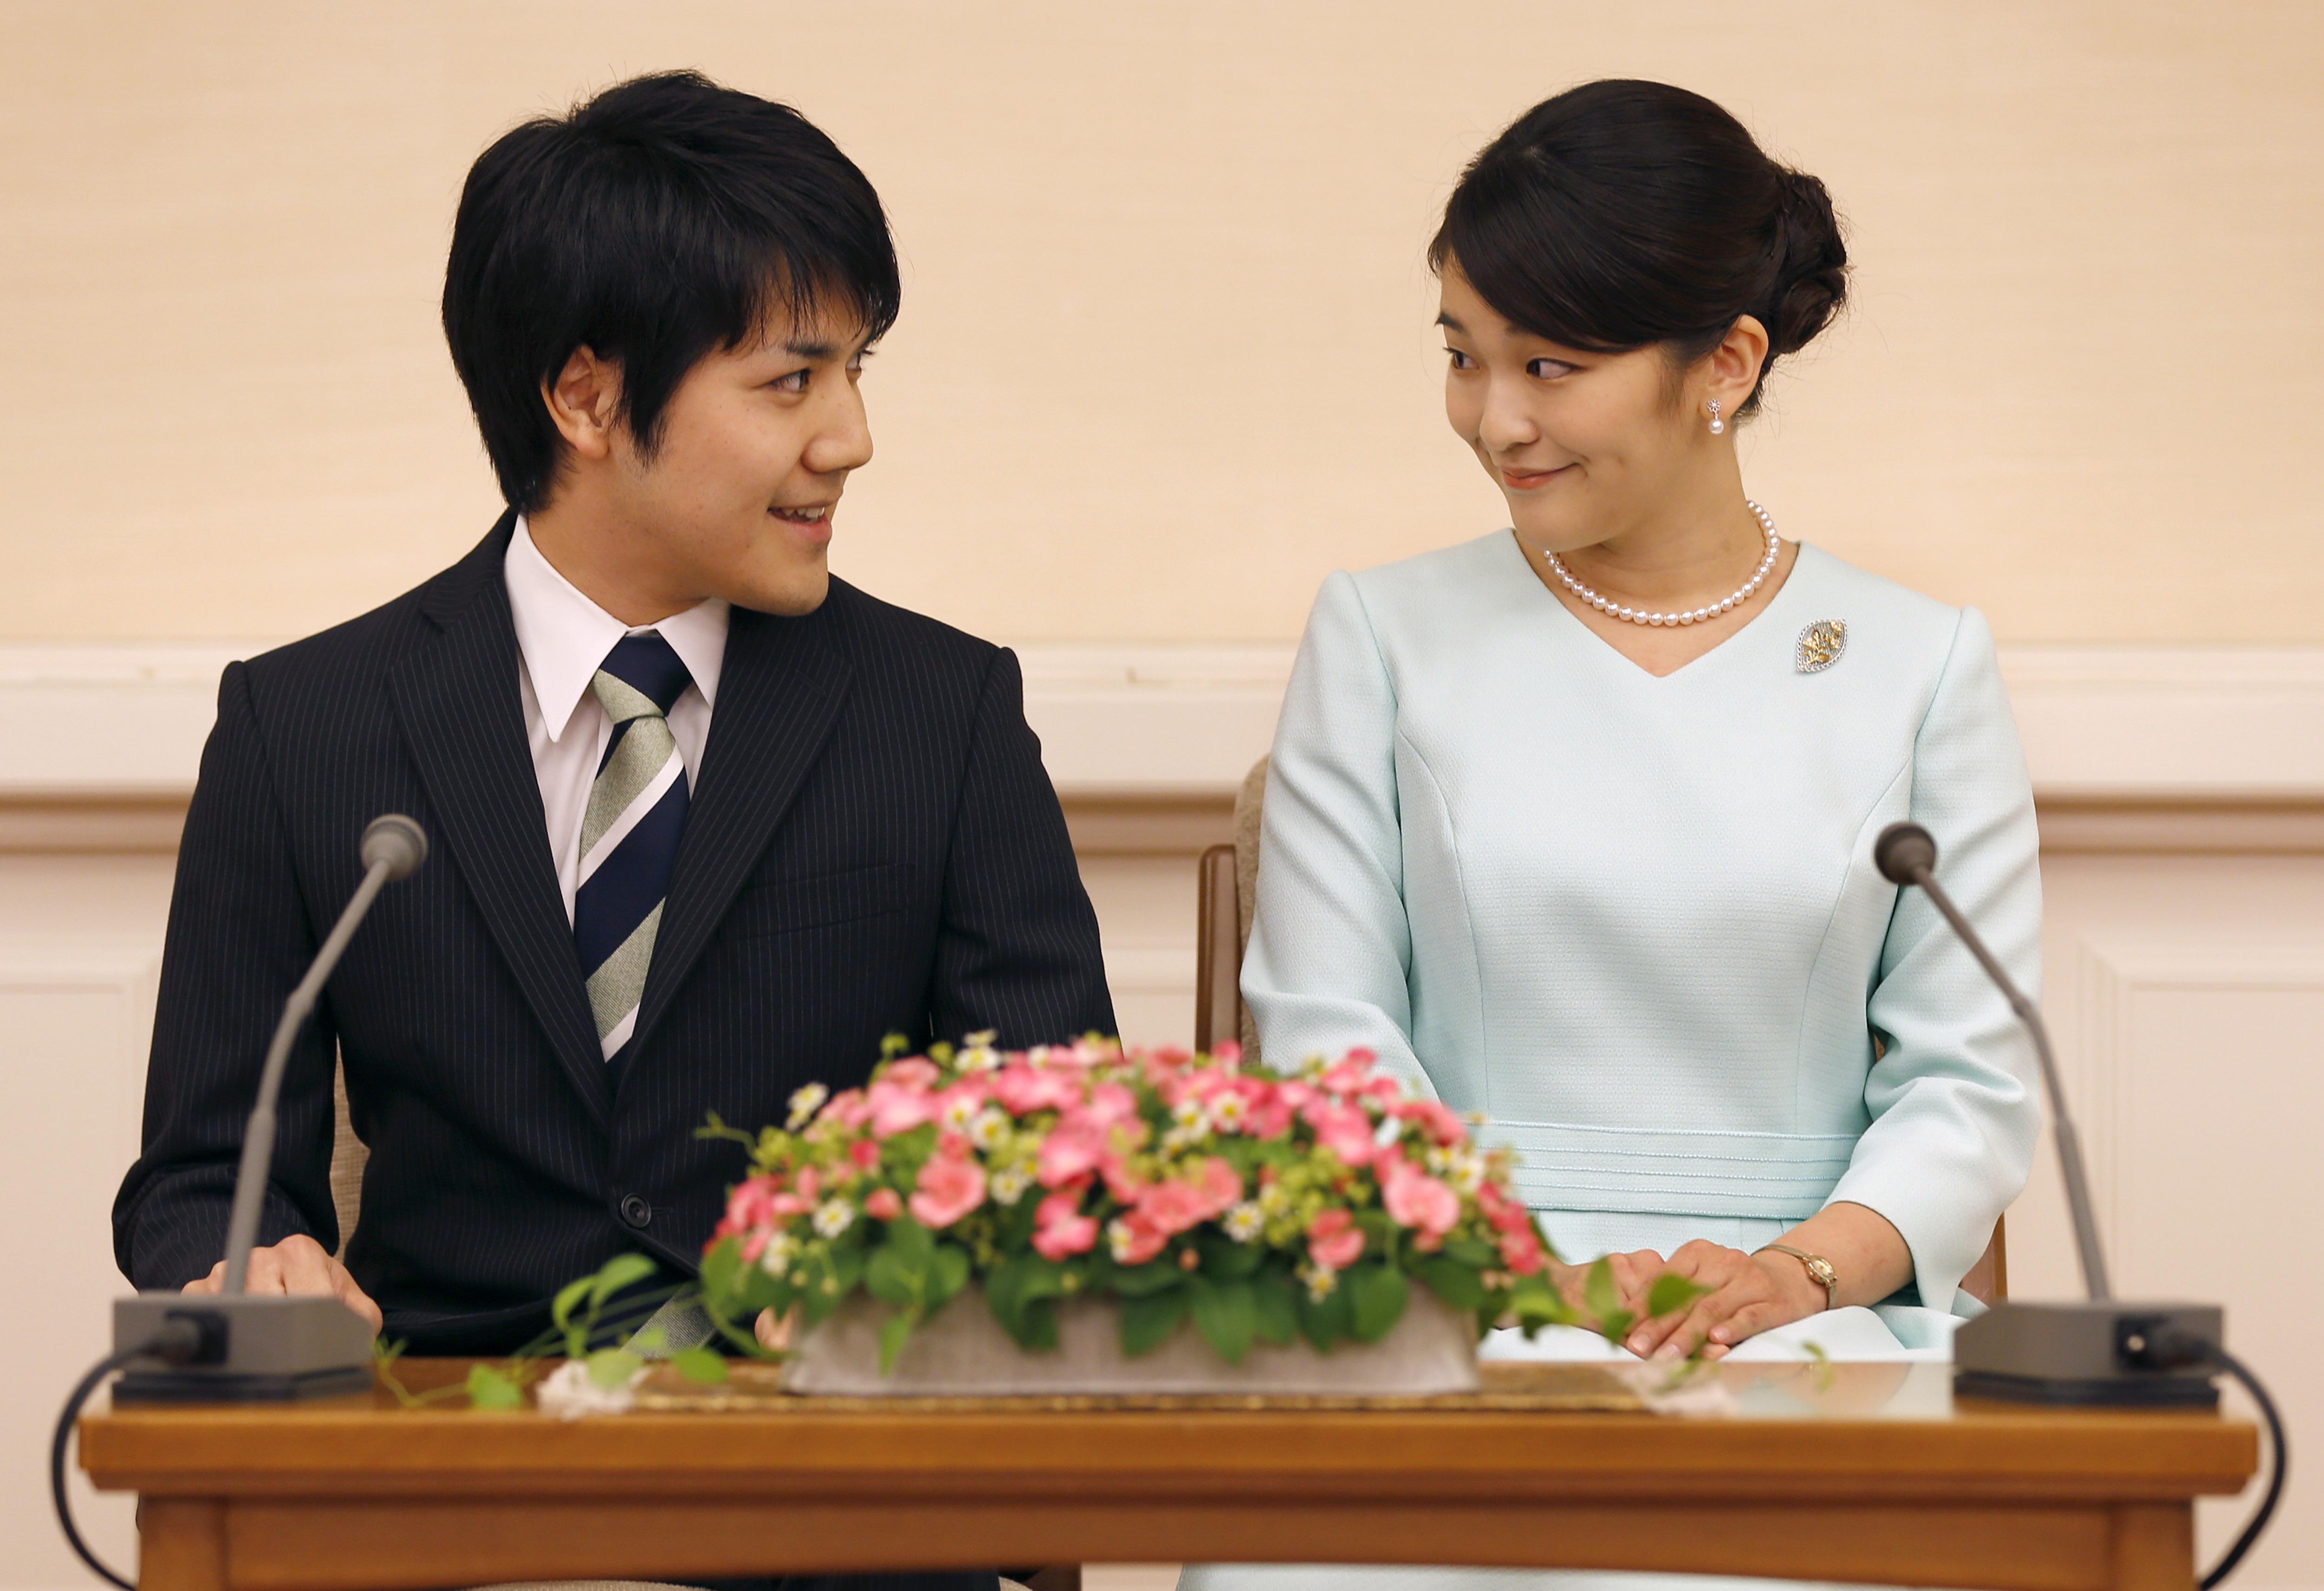 Mako hercegnő, a japán uralkodócsalád tagja hozzáment szerelméhez, ezért elveszíti császári státuszát